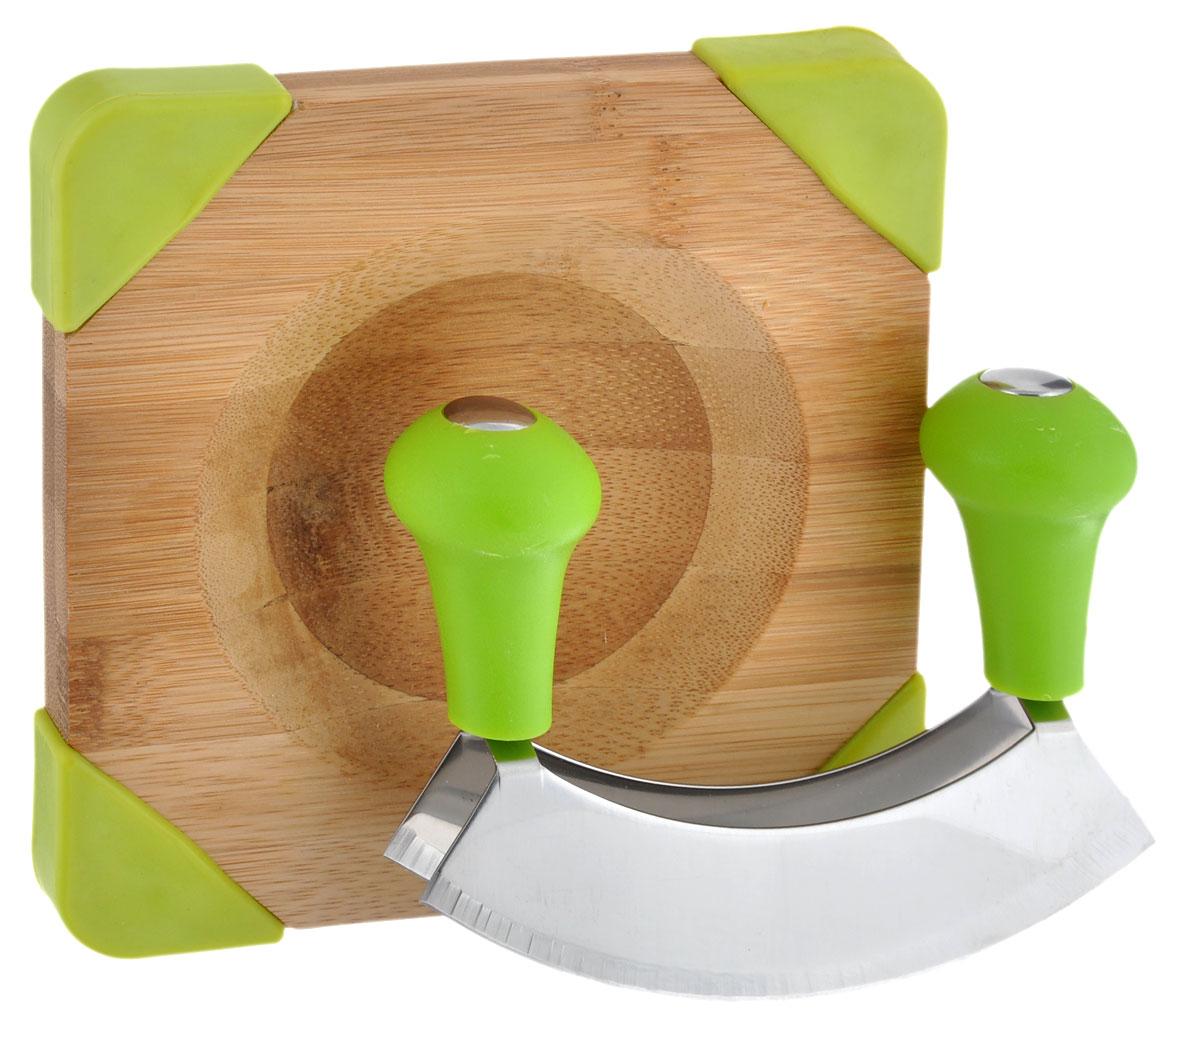 Доска для измельчения приправ Kesper, с ножом, 16 см х 16 см5064-5Доска для измельчения приправ Kesper изготовлена из высококачественного бамбука - экологически чистого, гигиеничного материала, безопасного для здоровья и контакта с пищей. Доска снабжена противоскользящими вставками и специальным углублением. В комплекте также предусмотрен нож с лезвием специальной формы, изготовленным из нержавеющей стали. Такой набор очень удобен для измельчения разнообразных приправ и зелени. Размер доски: 16 см х 16 см х 1,8 см. Длина лезвия ножа: 13,5 см.